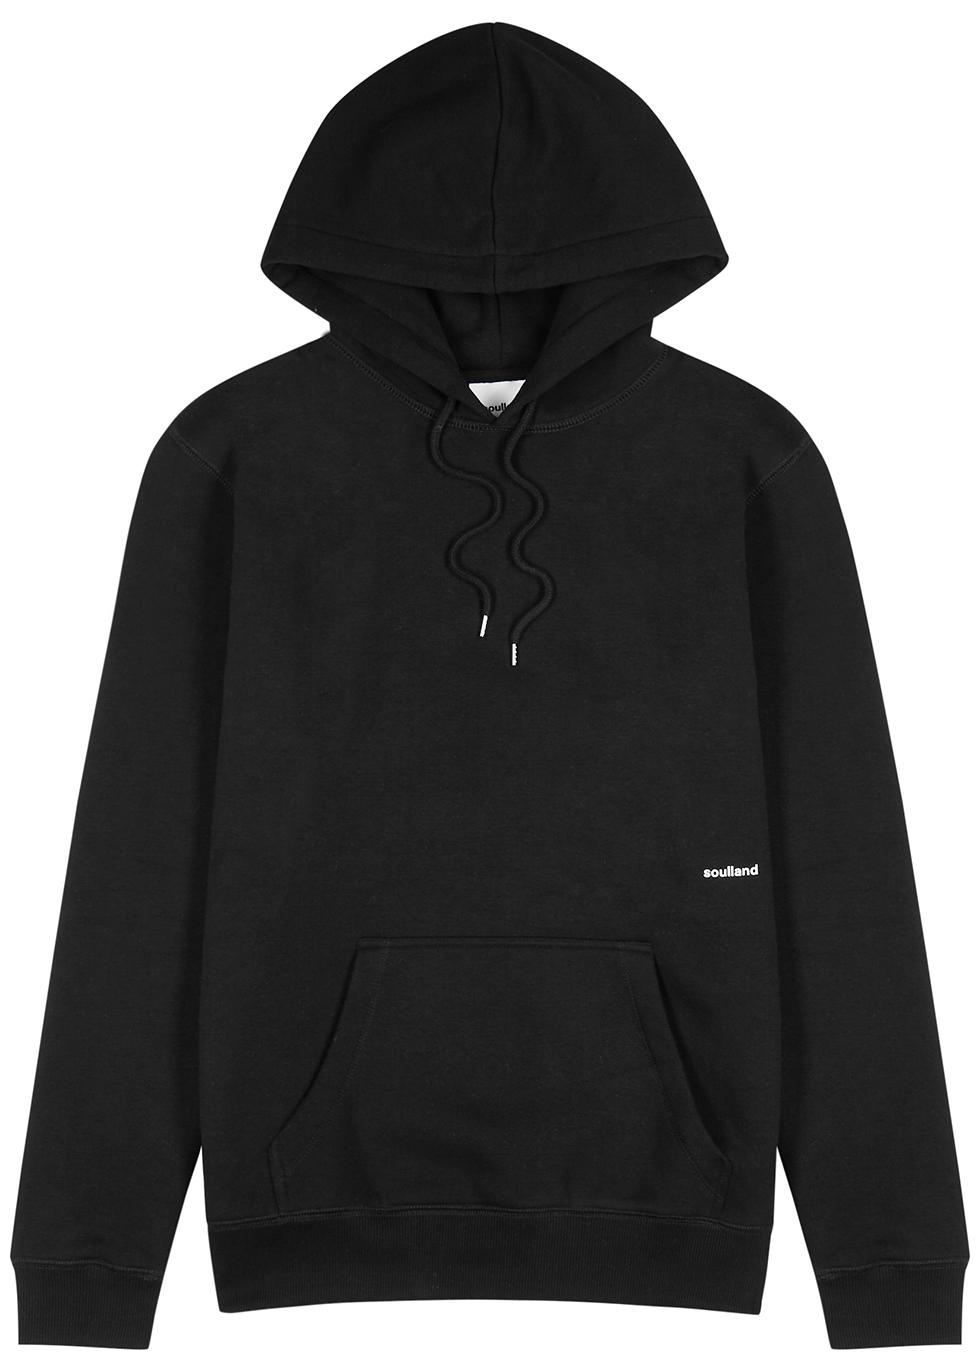 Wallance black hooded jersey sweatshirt